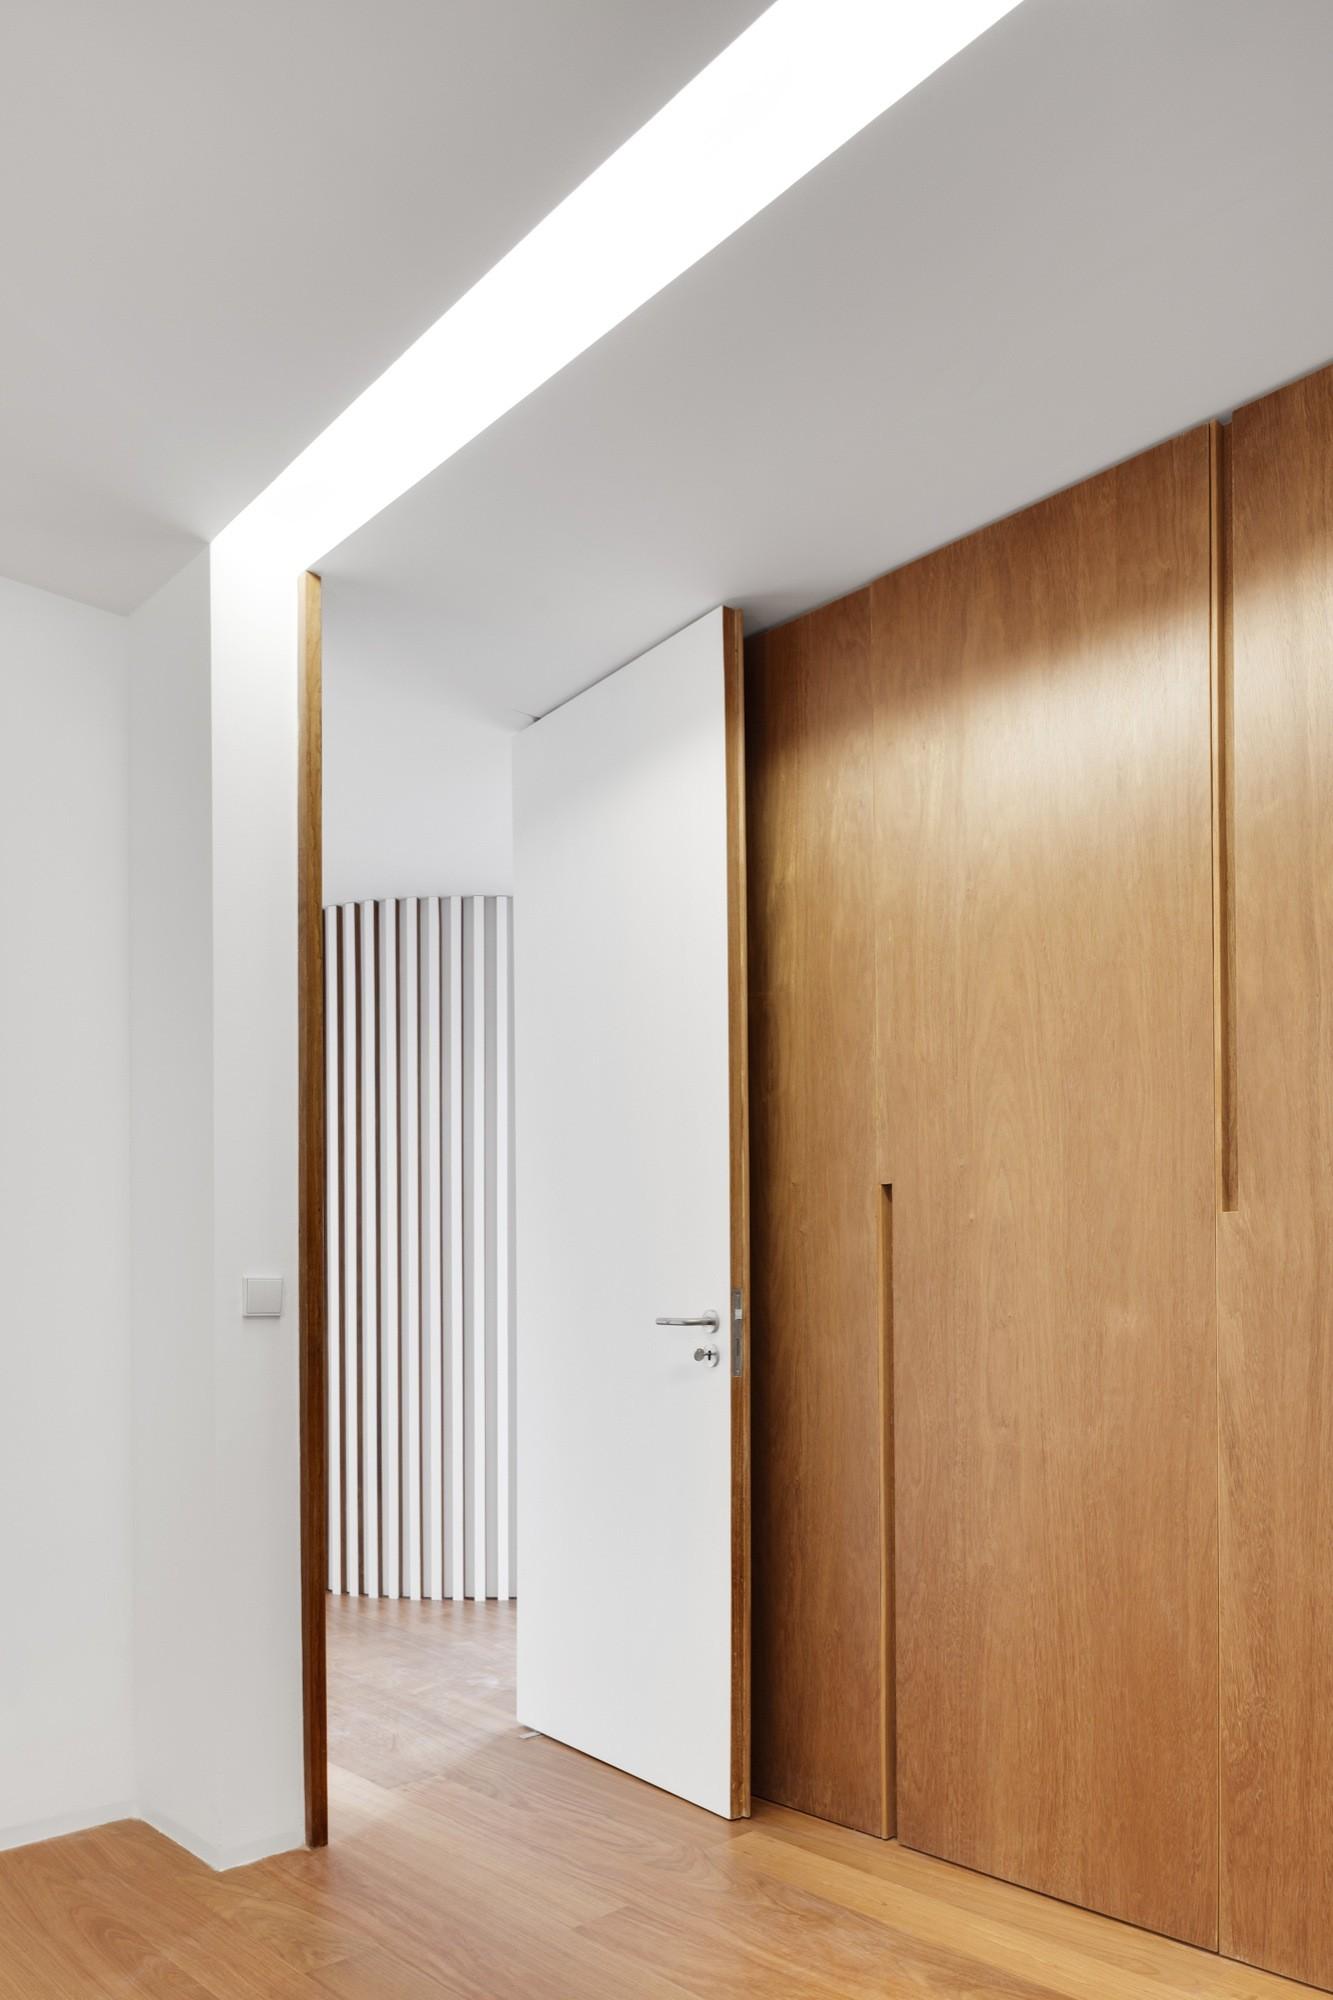 Gallery Of Private House In Viseu Bau Uau Arquitectura 7